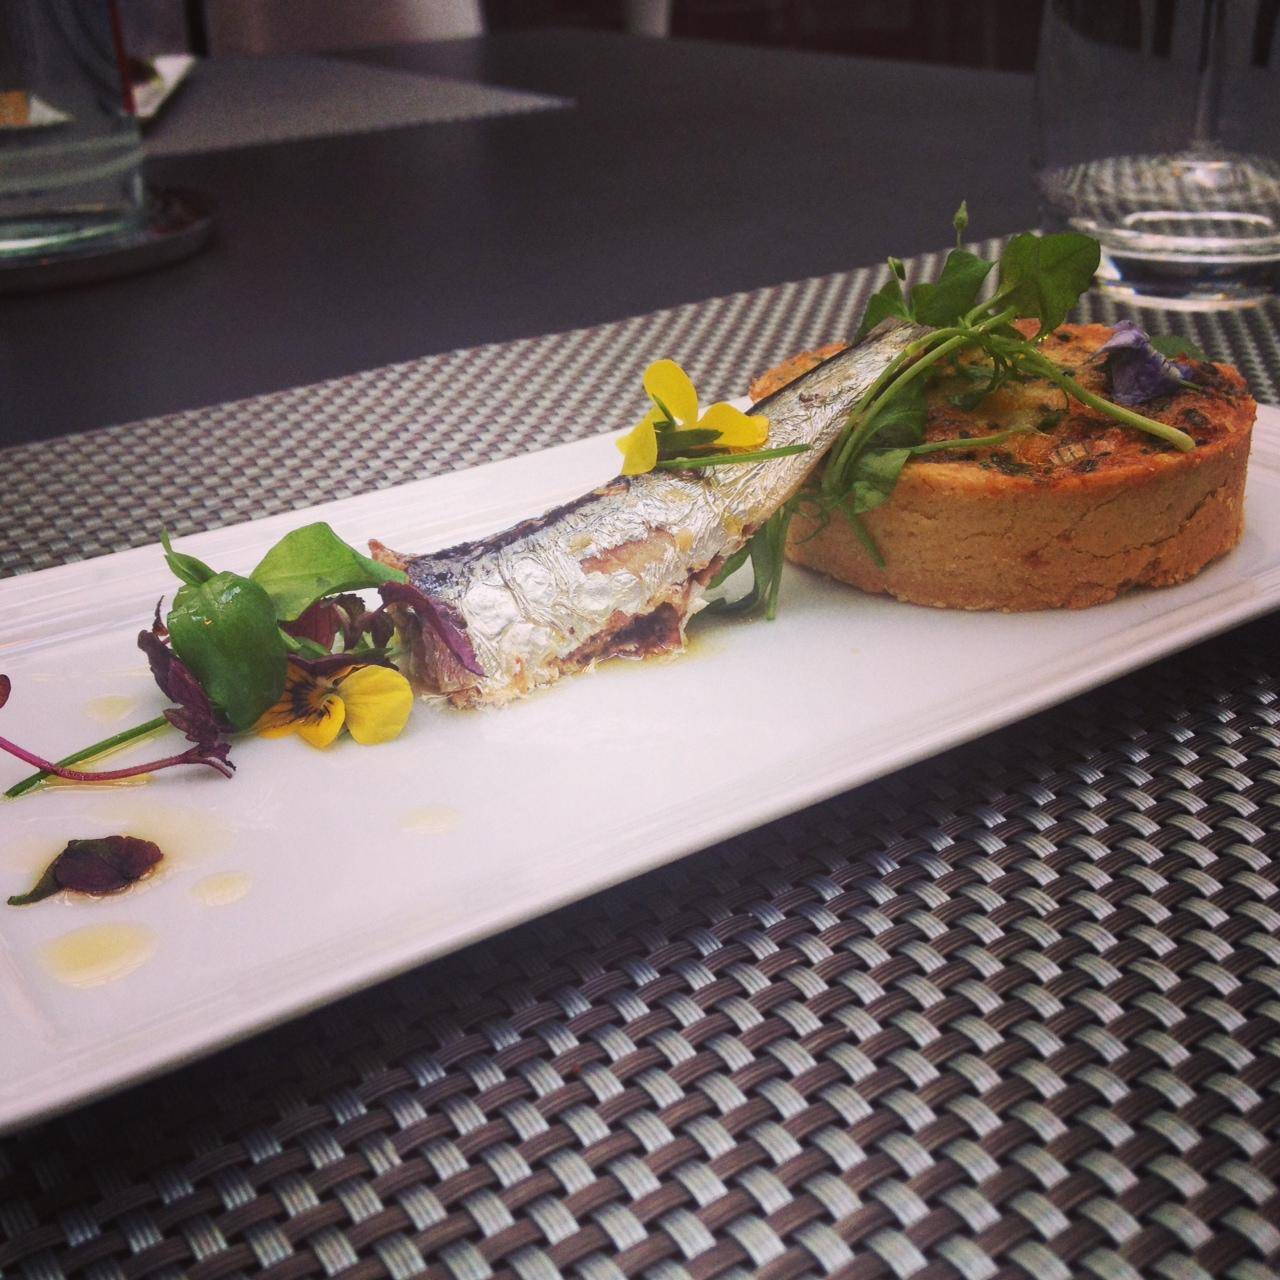 Category les recettes le blog de cyril lignac - Cuisine attitude cyril lignac ...